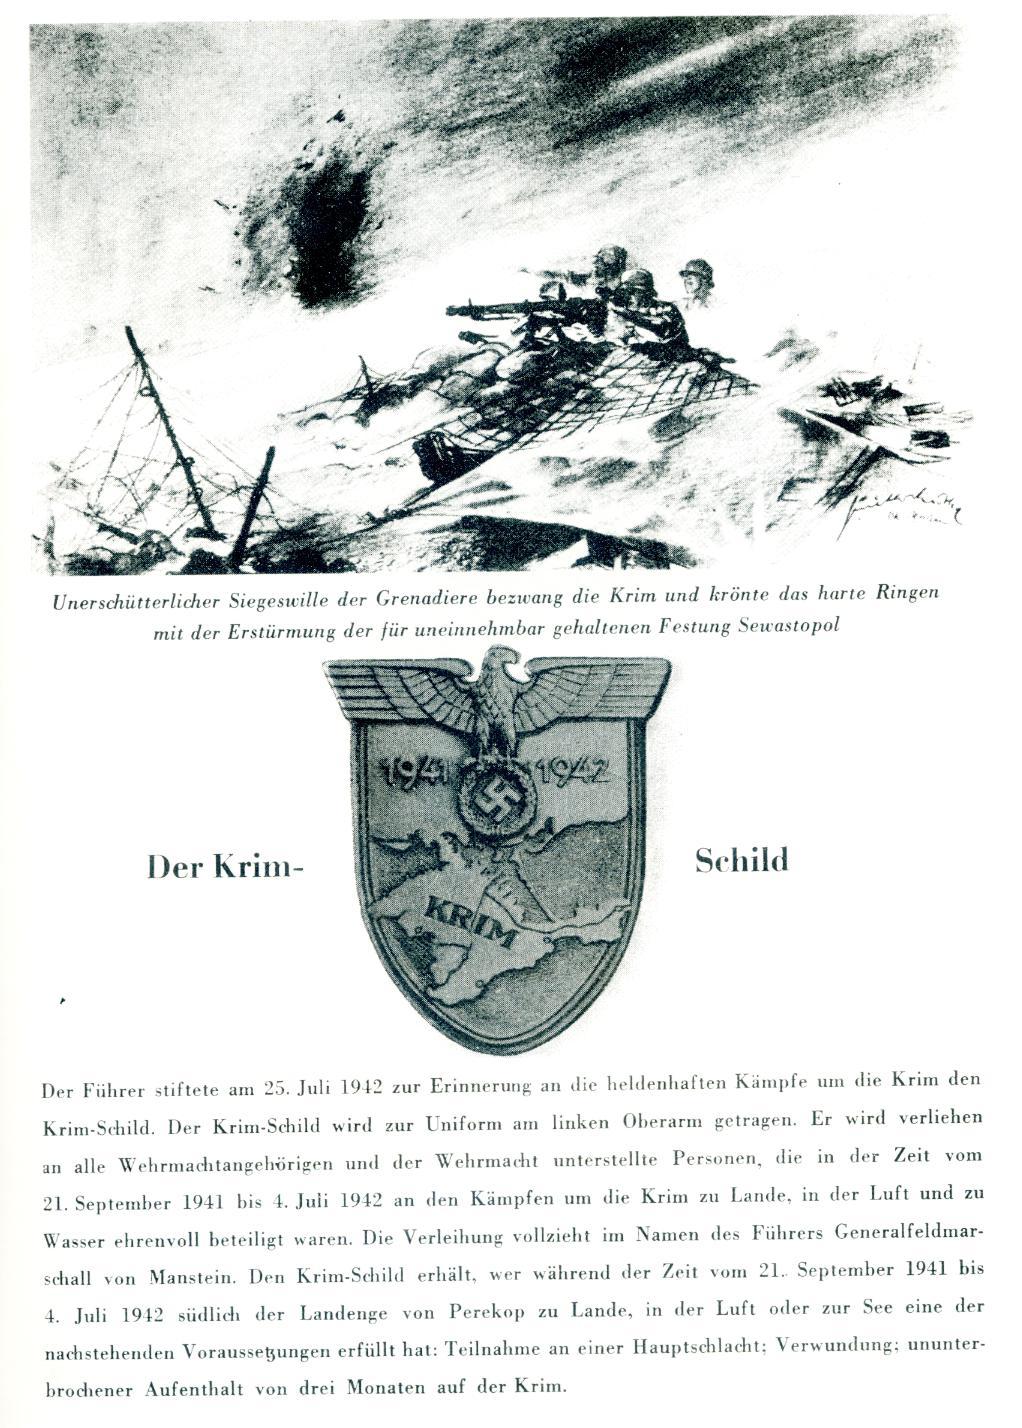 KRIM ARMSHIELD ORIGINAL PERIOD ARTICLE